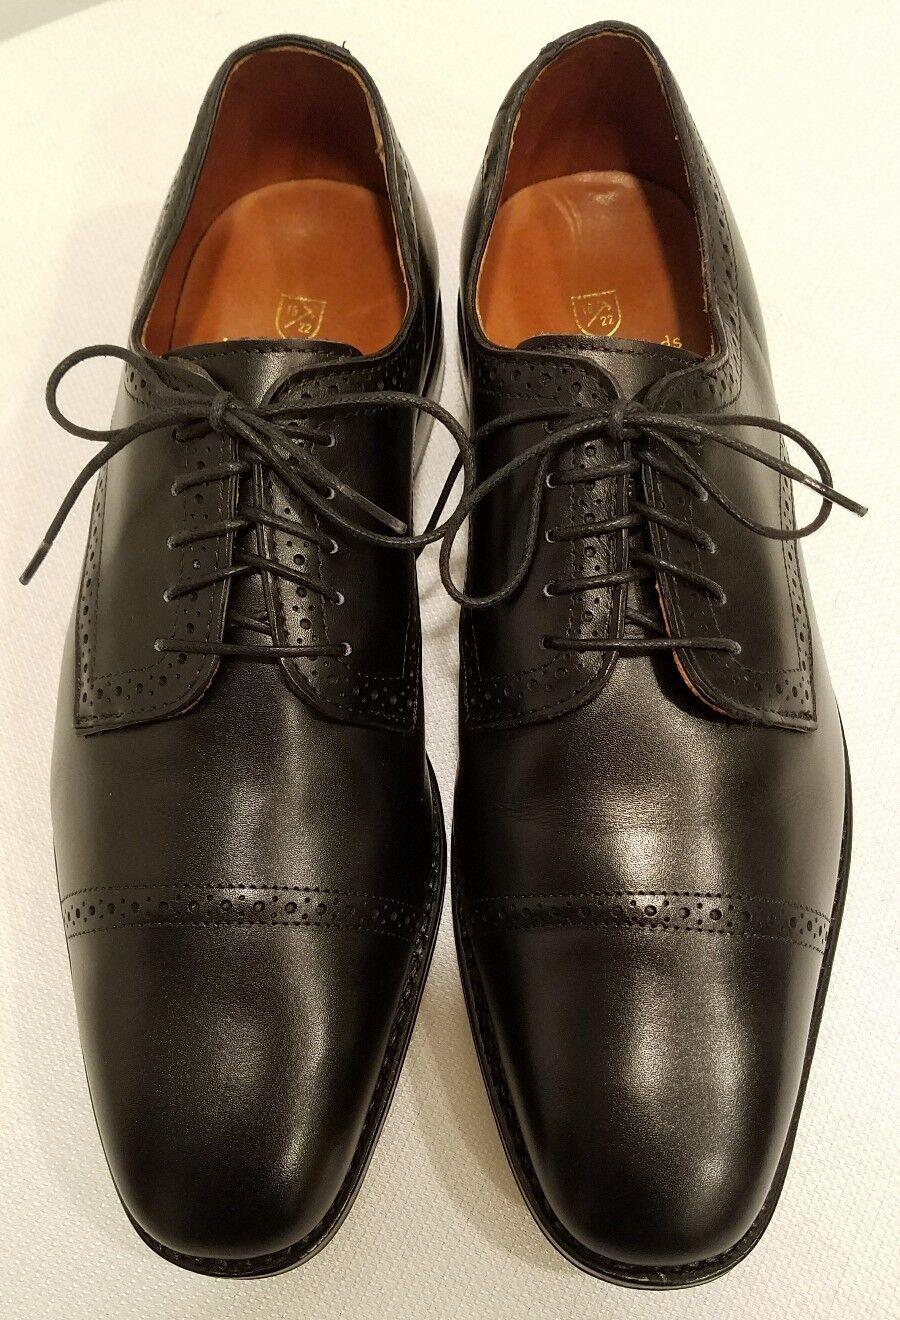 Allen Edmonds Yorktown like Park Ave Black Leather Mens Oxford shoes Size 9.5 D